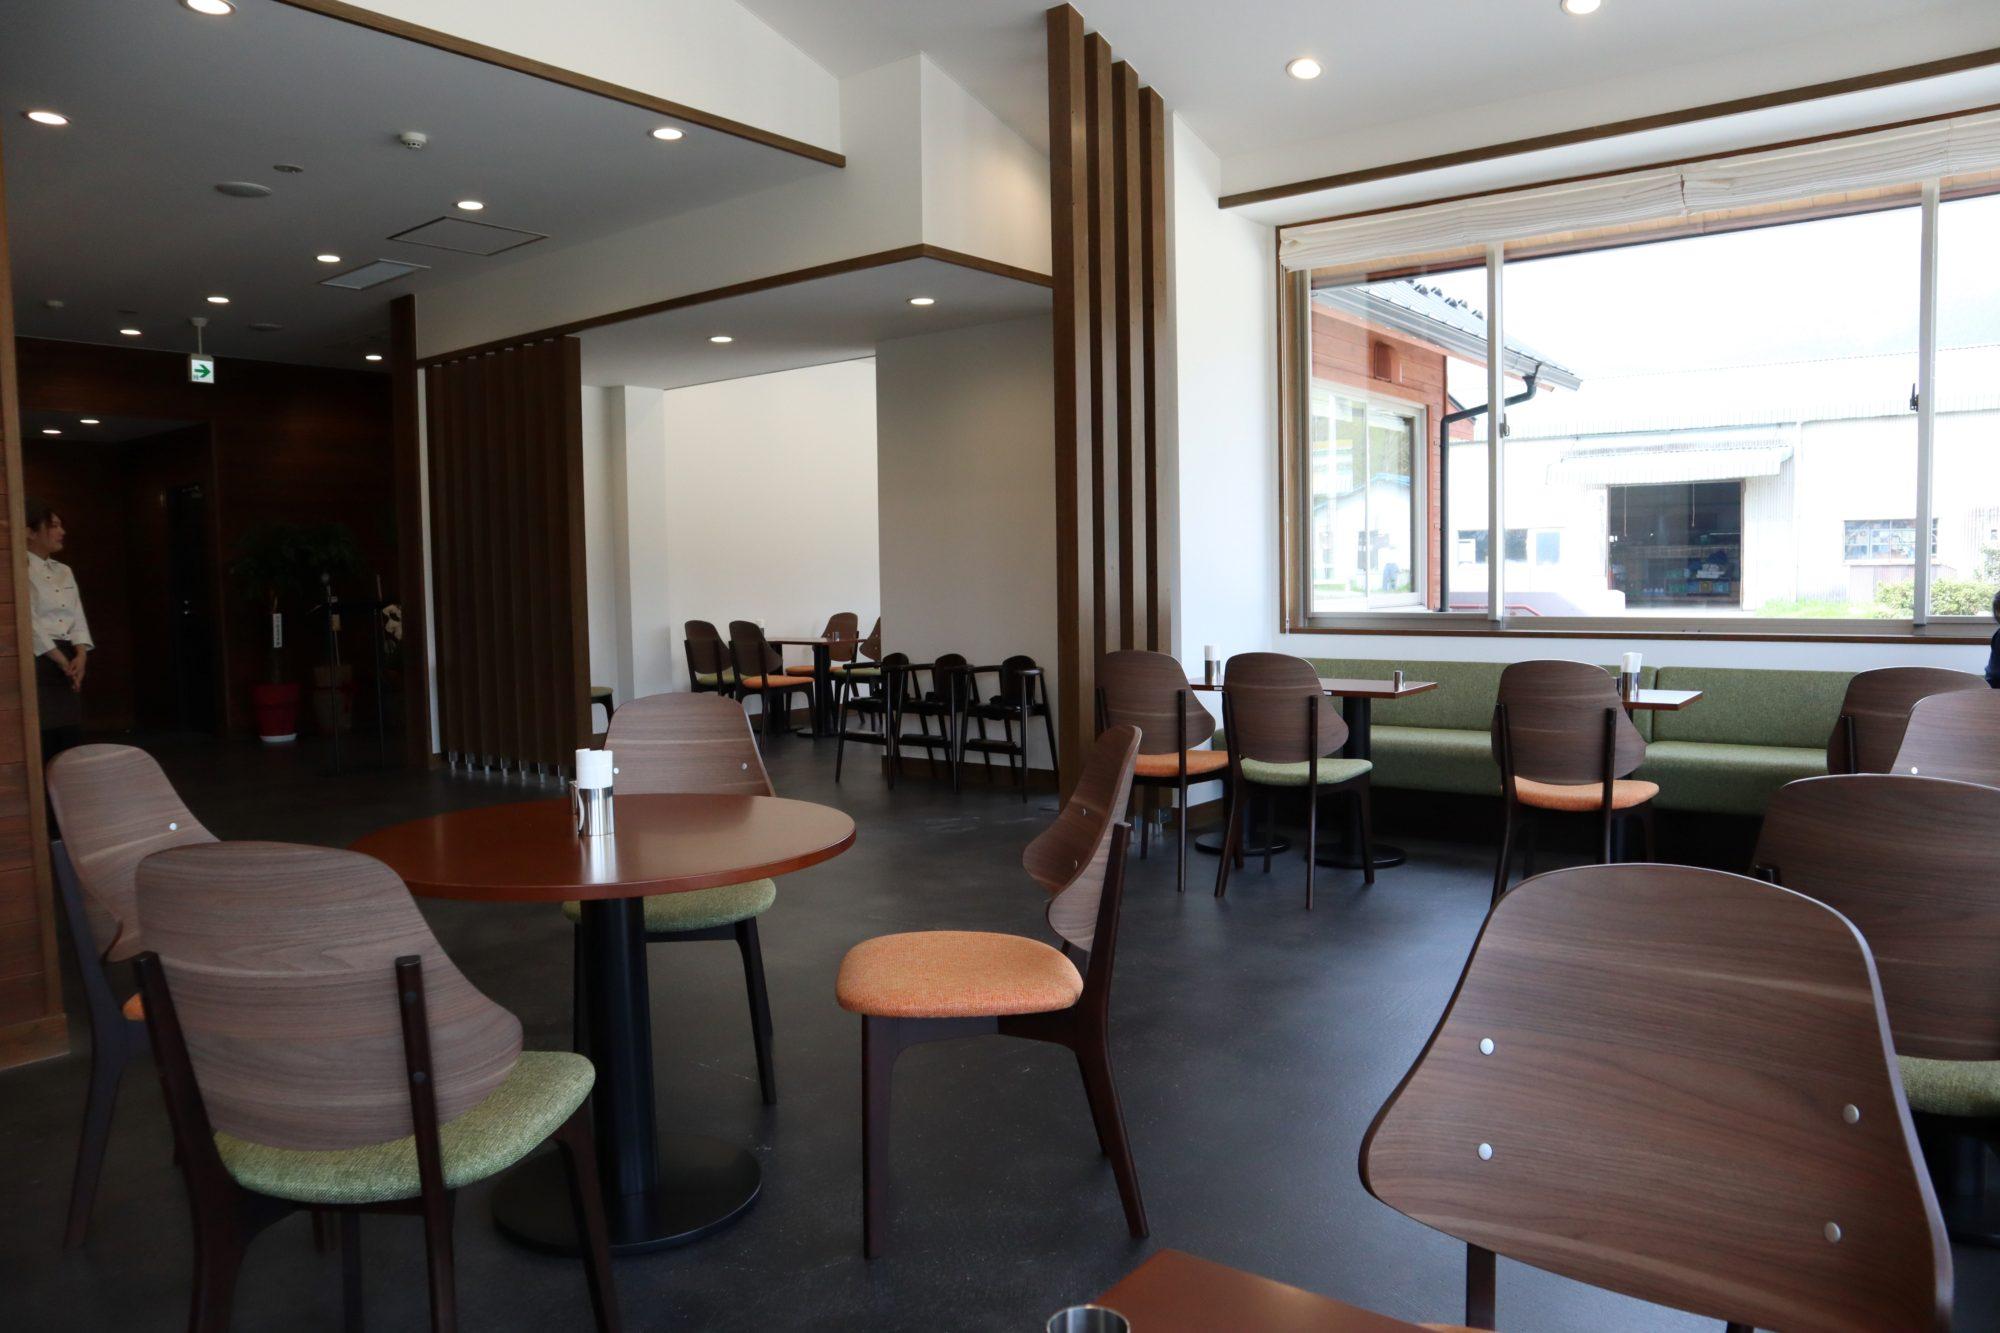 メタセコイア カフェ